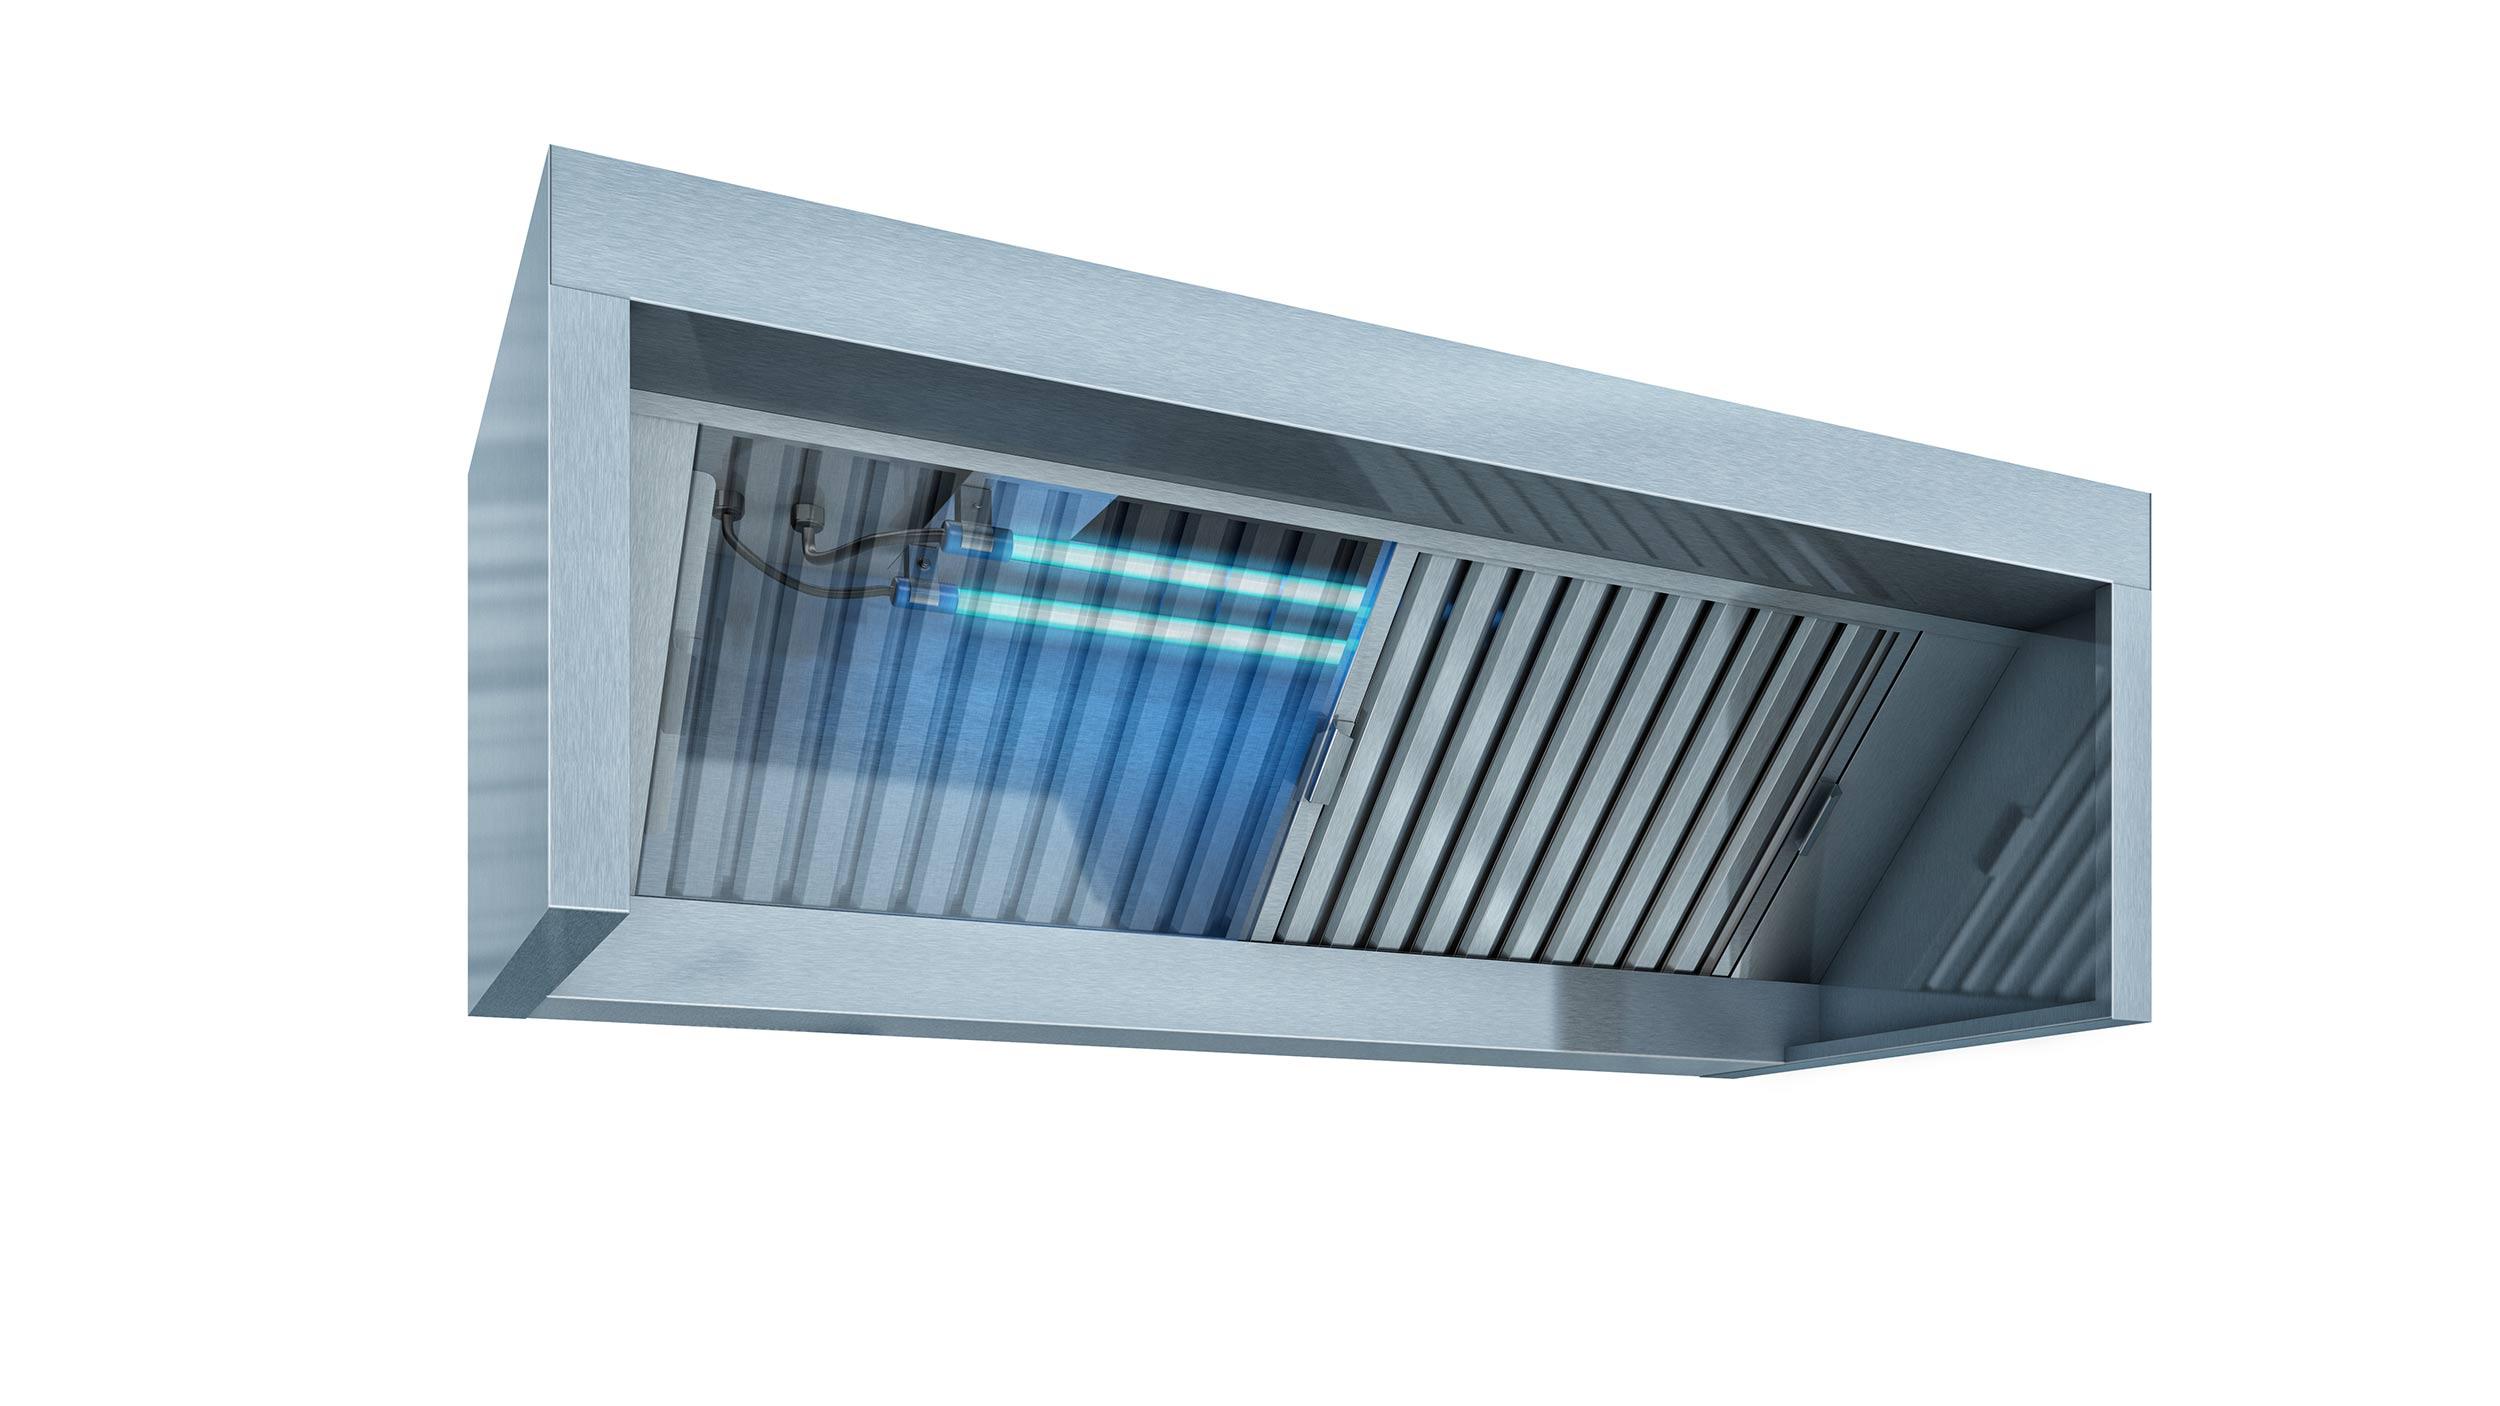 UV-C ozone technology - BÄRO GmbH & Co. KG